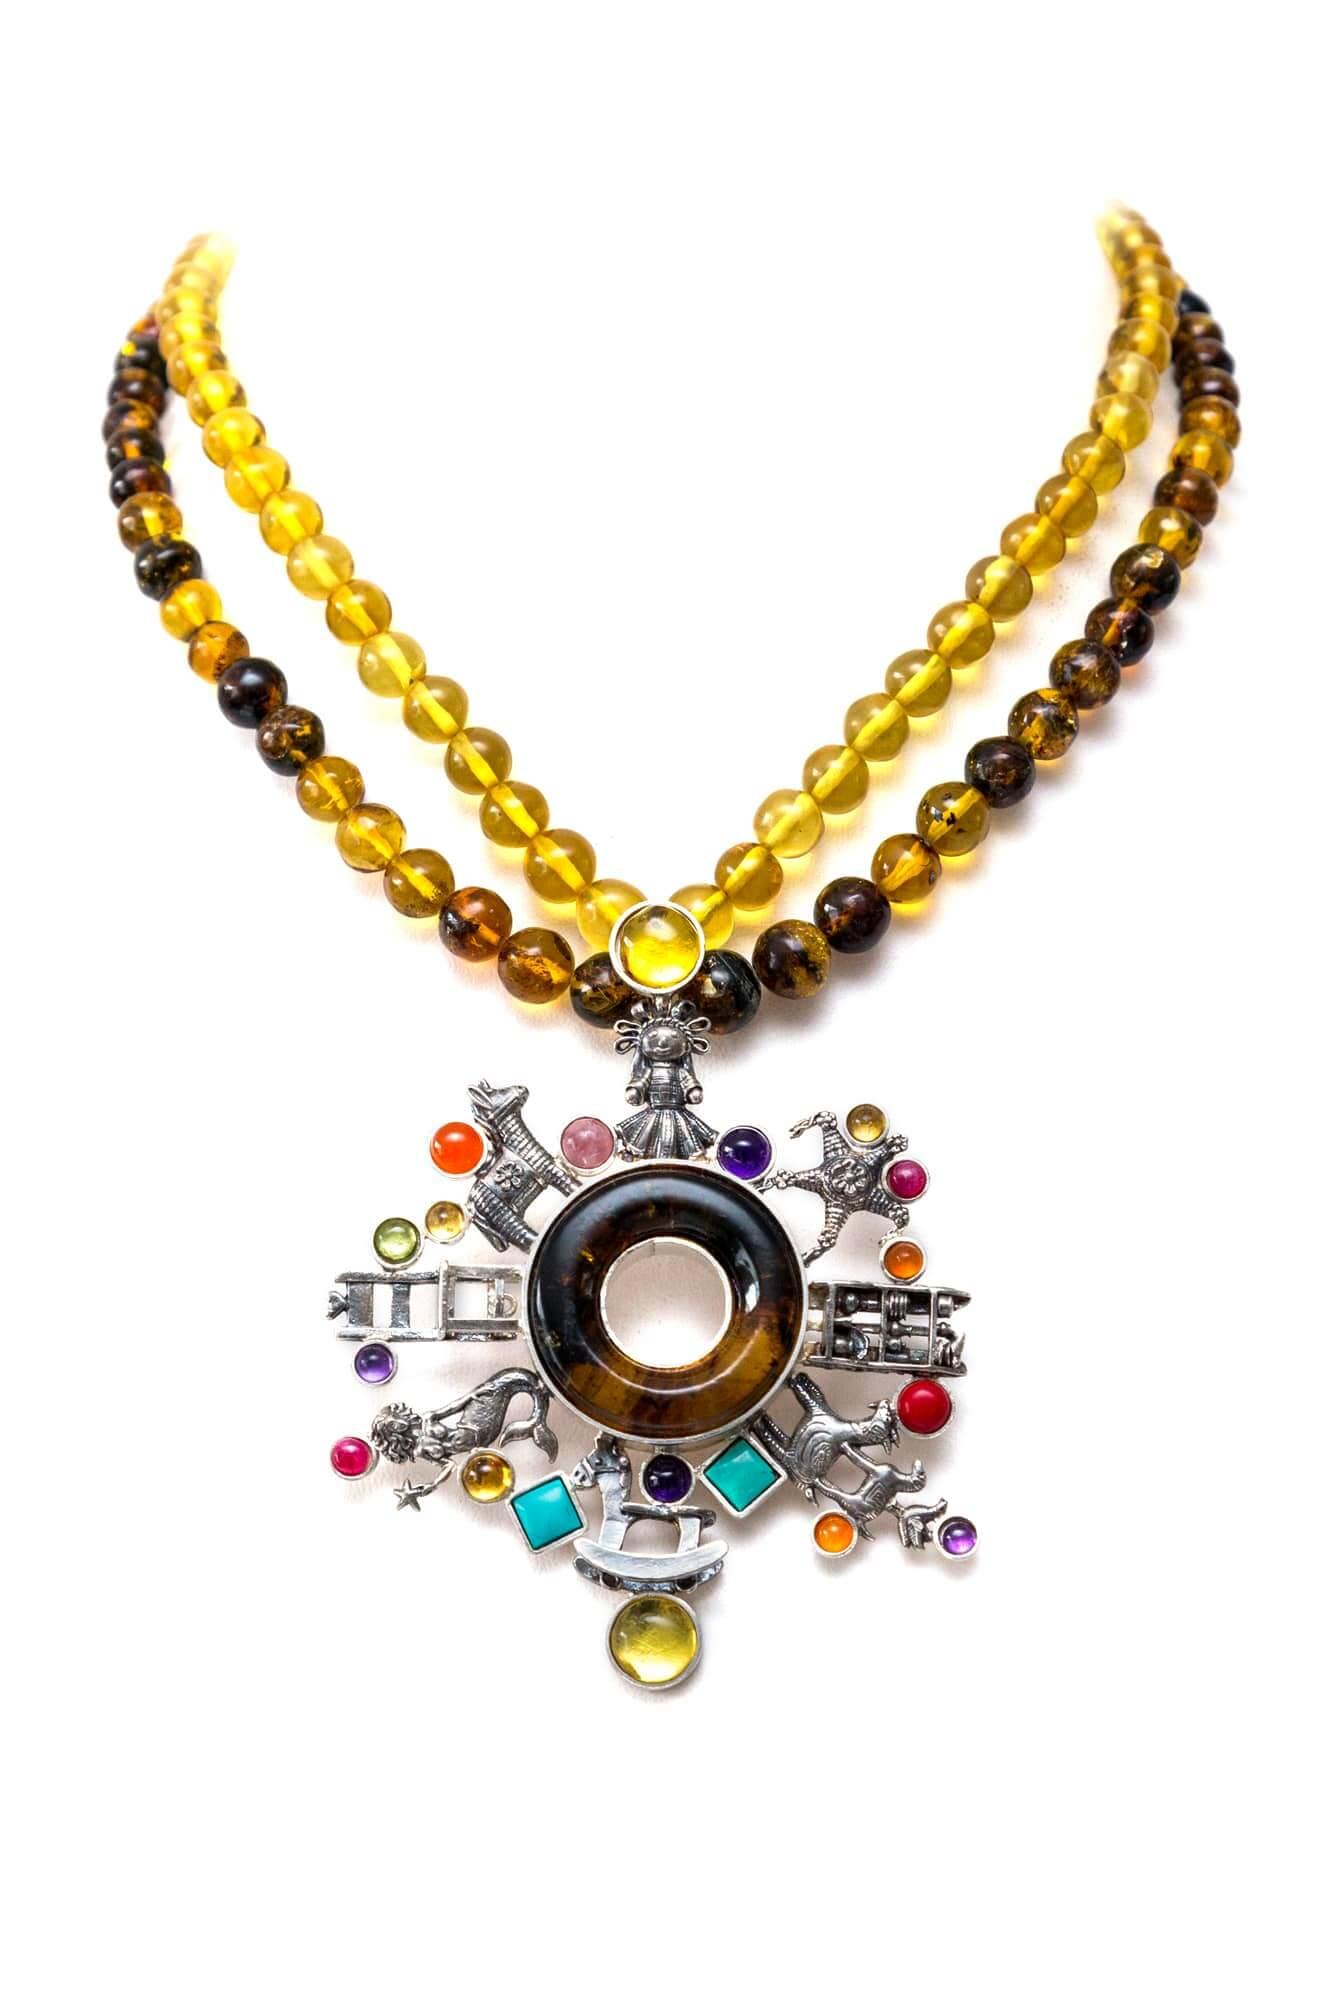 joyas mexicanas gabriela sanchez collar rueda de juguetes mexicanos collar gabriela sanchez